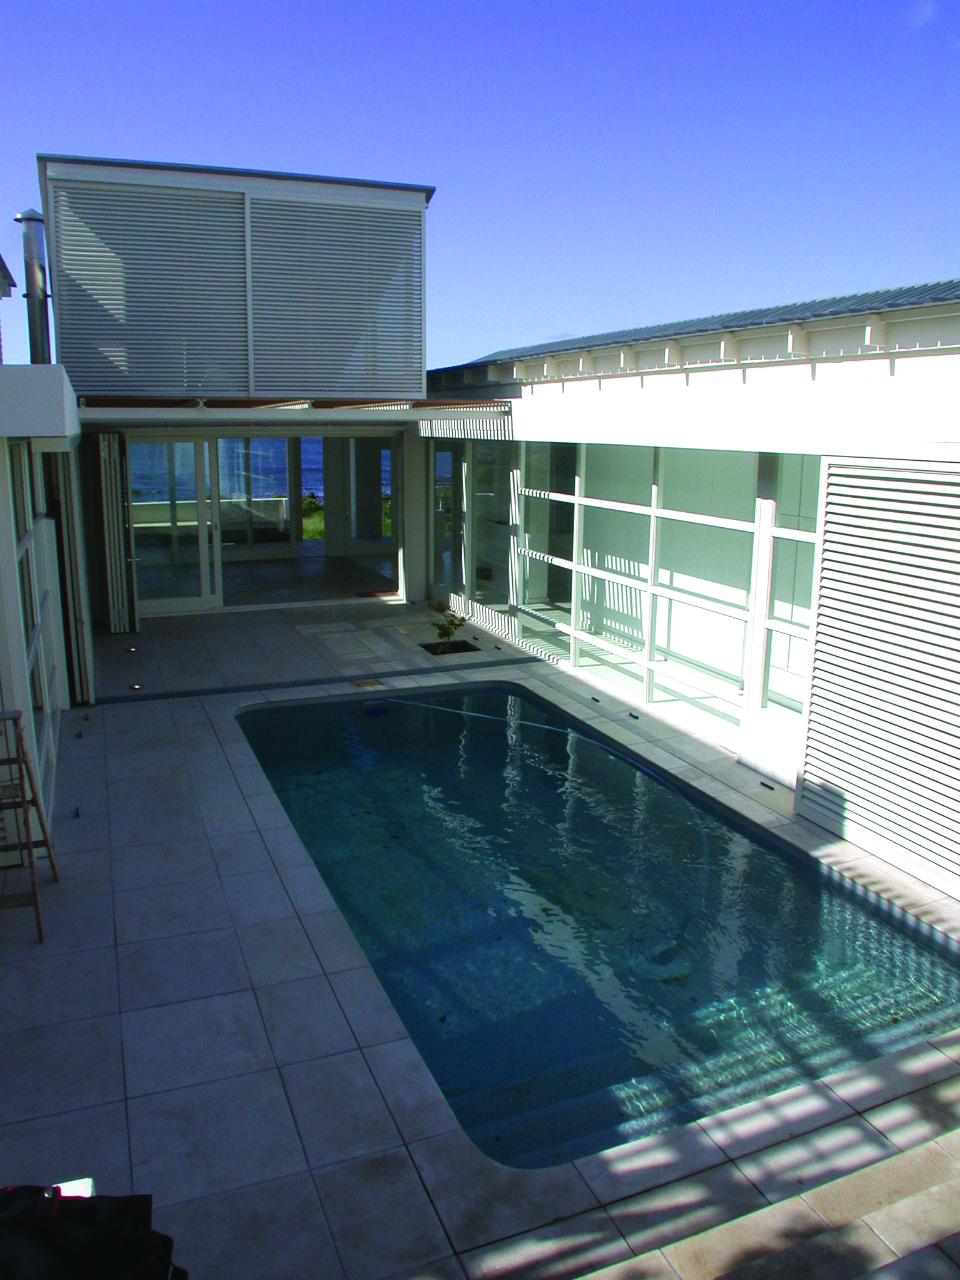 VERMONT HOUSE